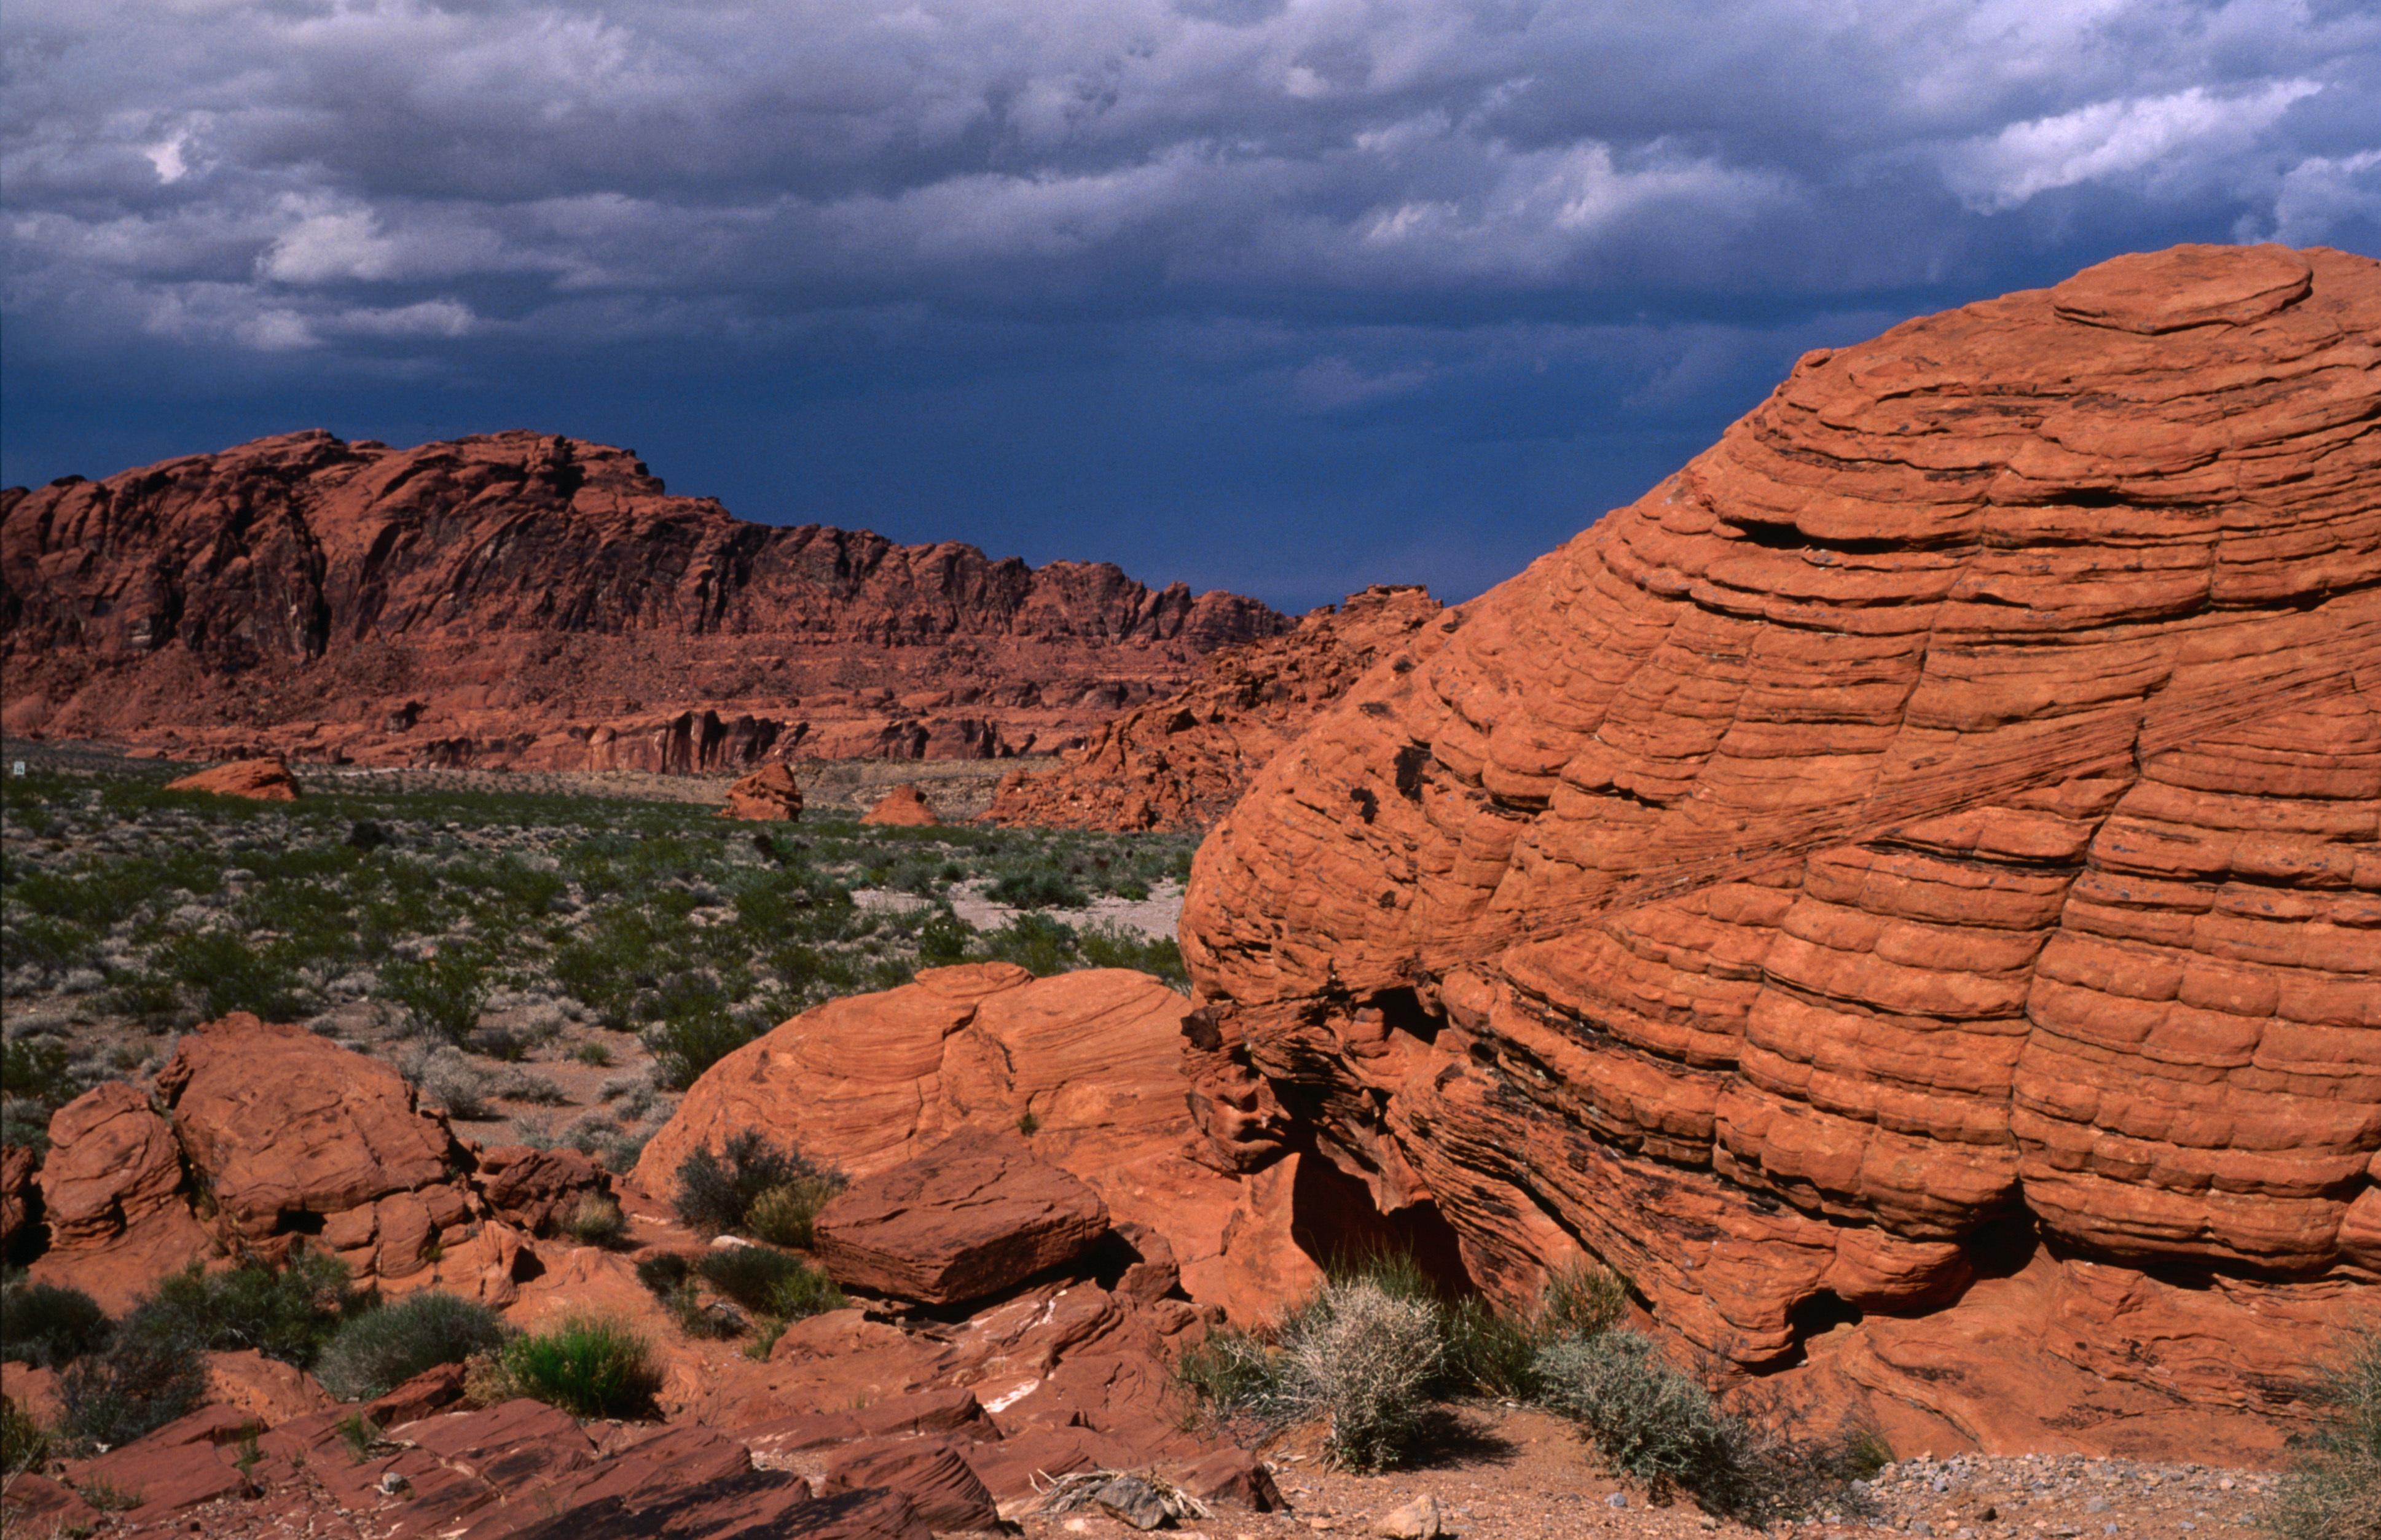 strange-rock-formations-in-the-Nevada-desert.jpg?mtime=20200122163510#asset:107753